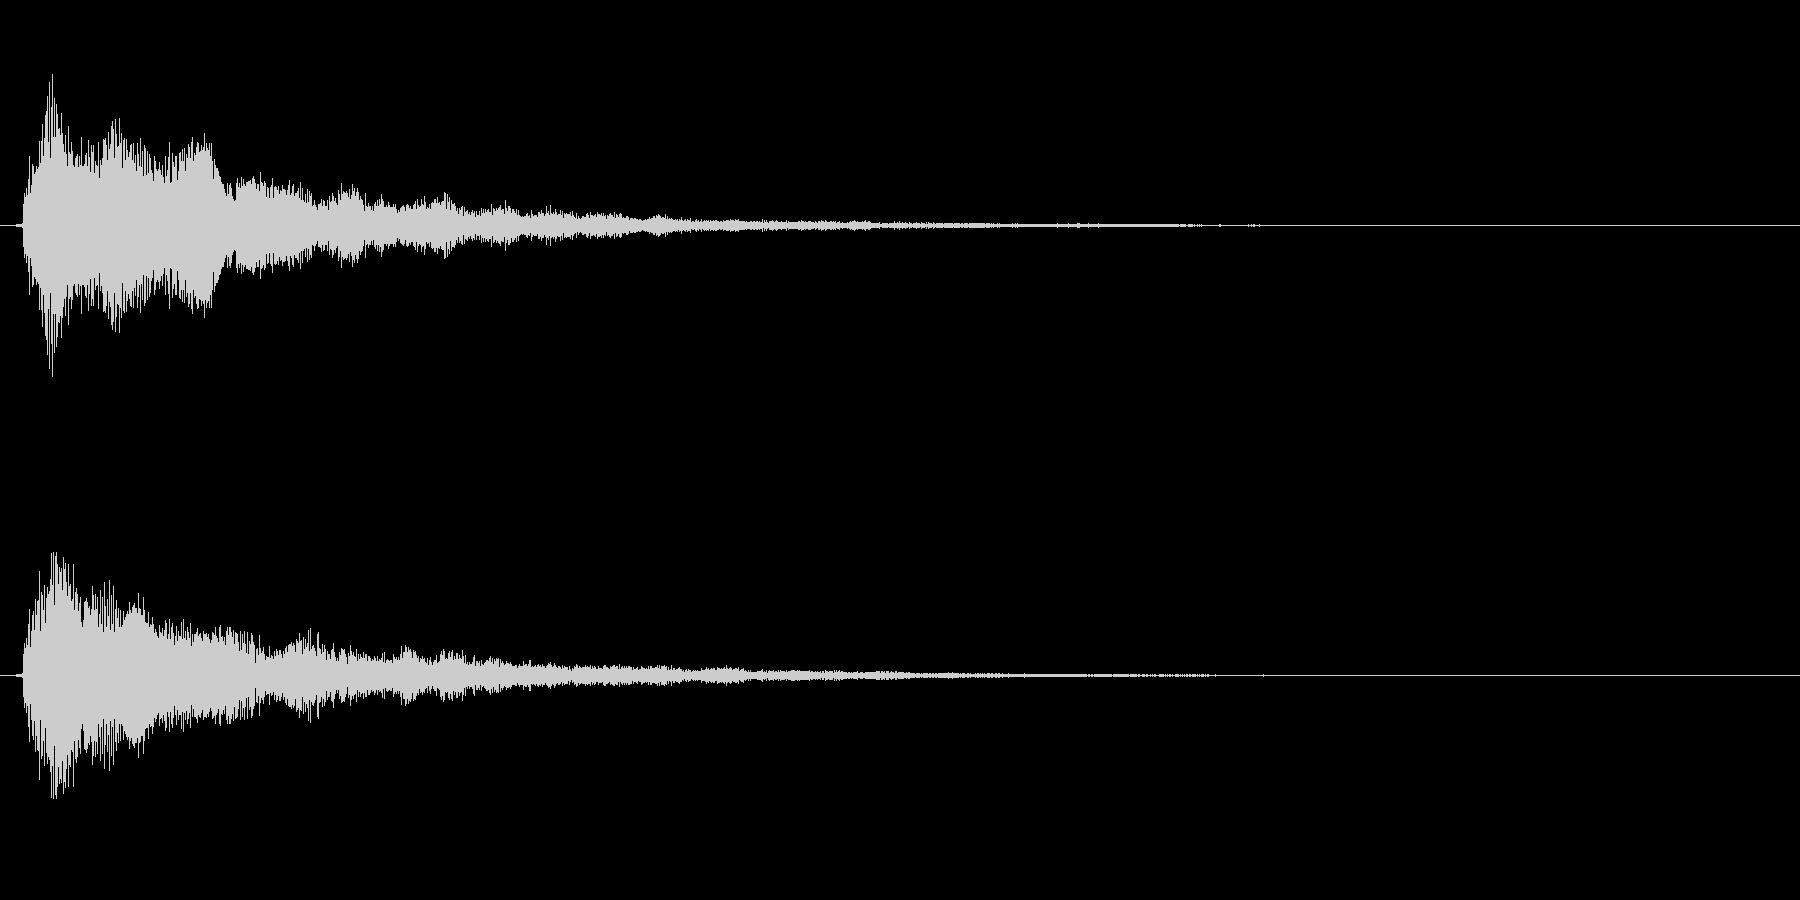 サウンドロゴ(企業ロゴ)_001の未再生の波形